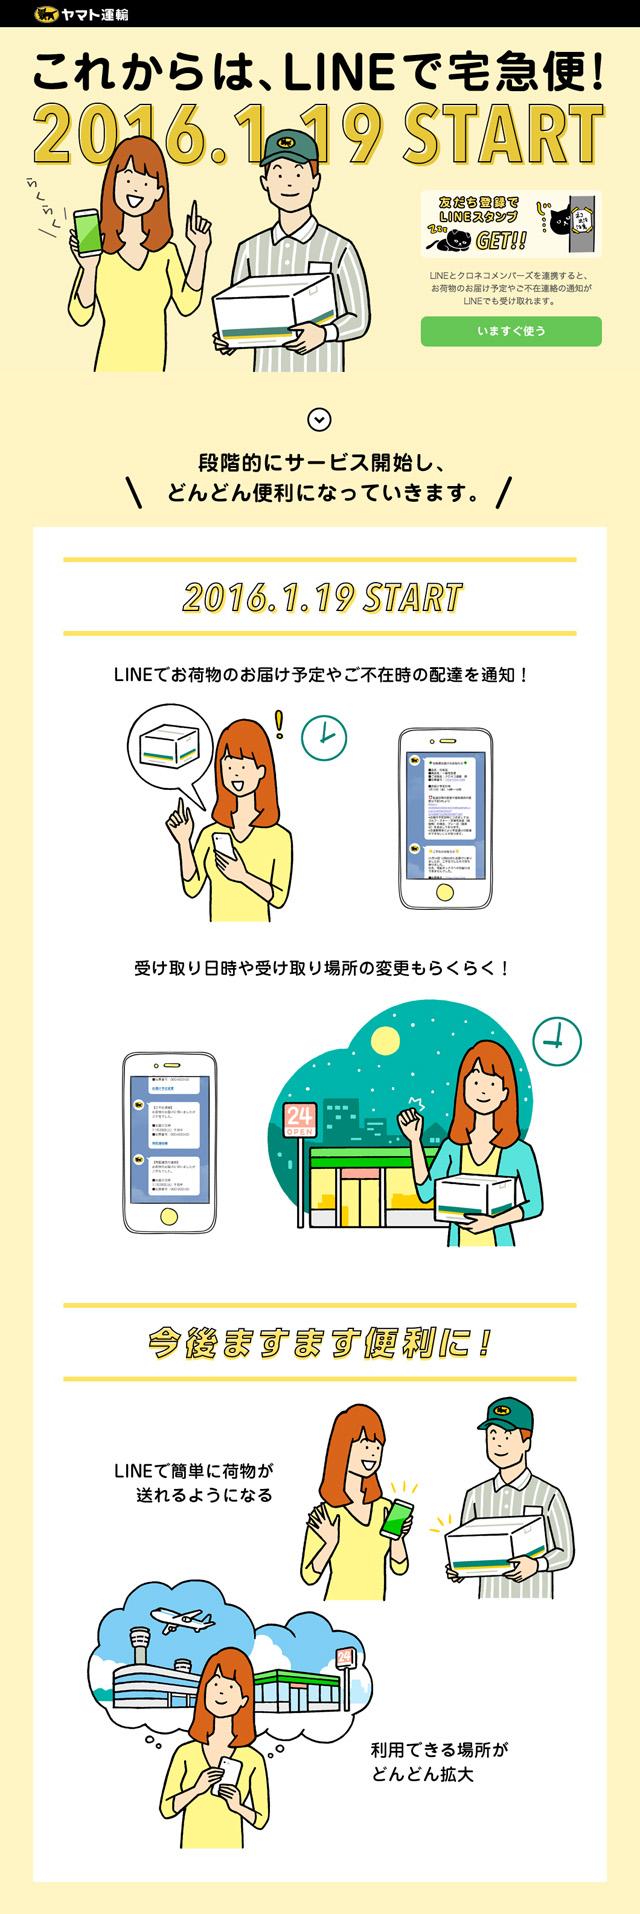 yamato_full_640.jpg